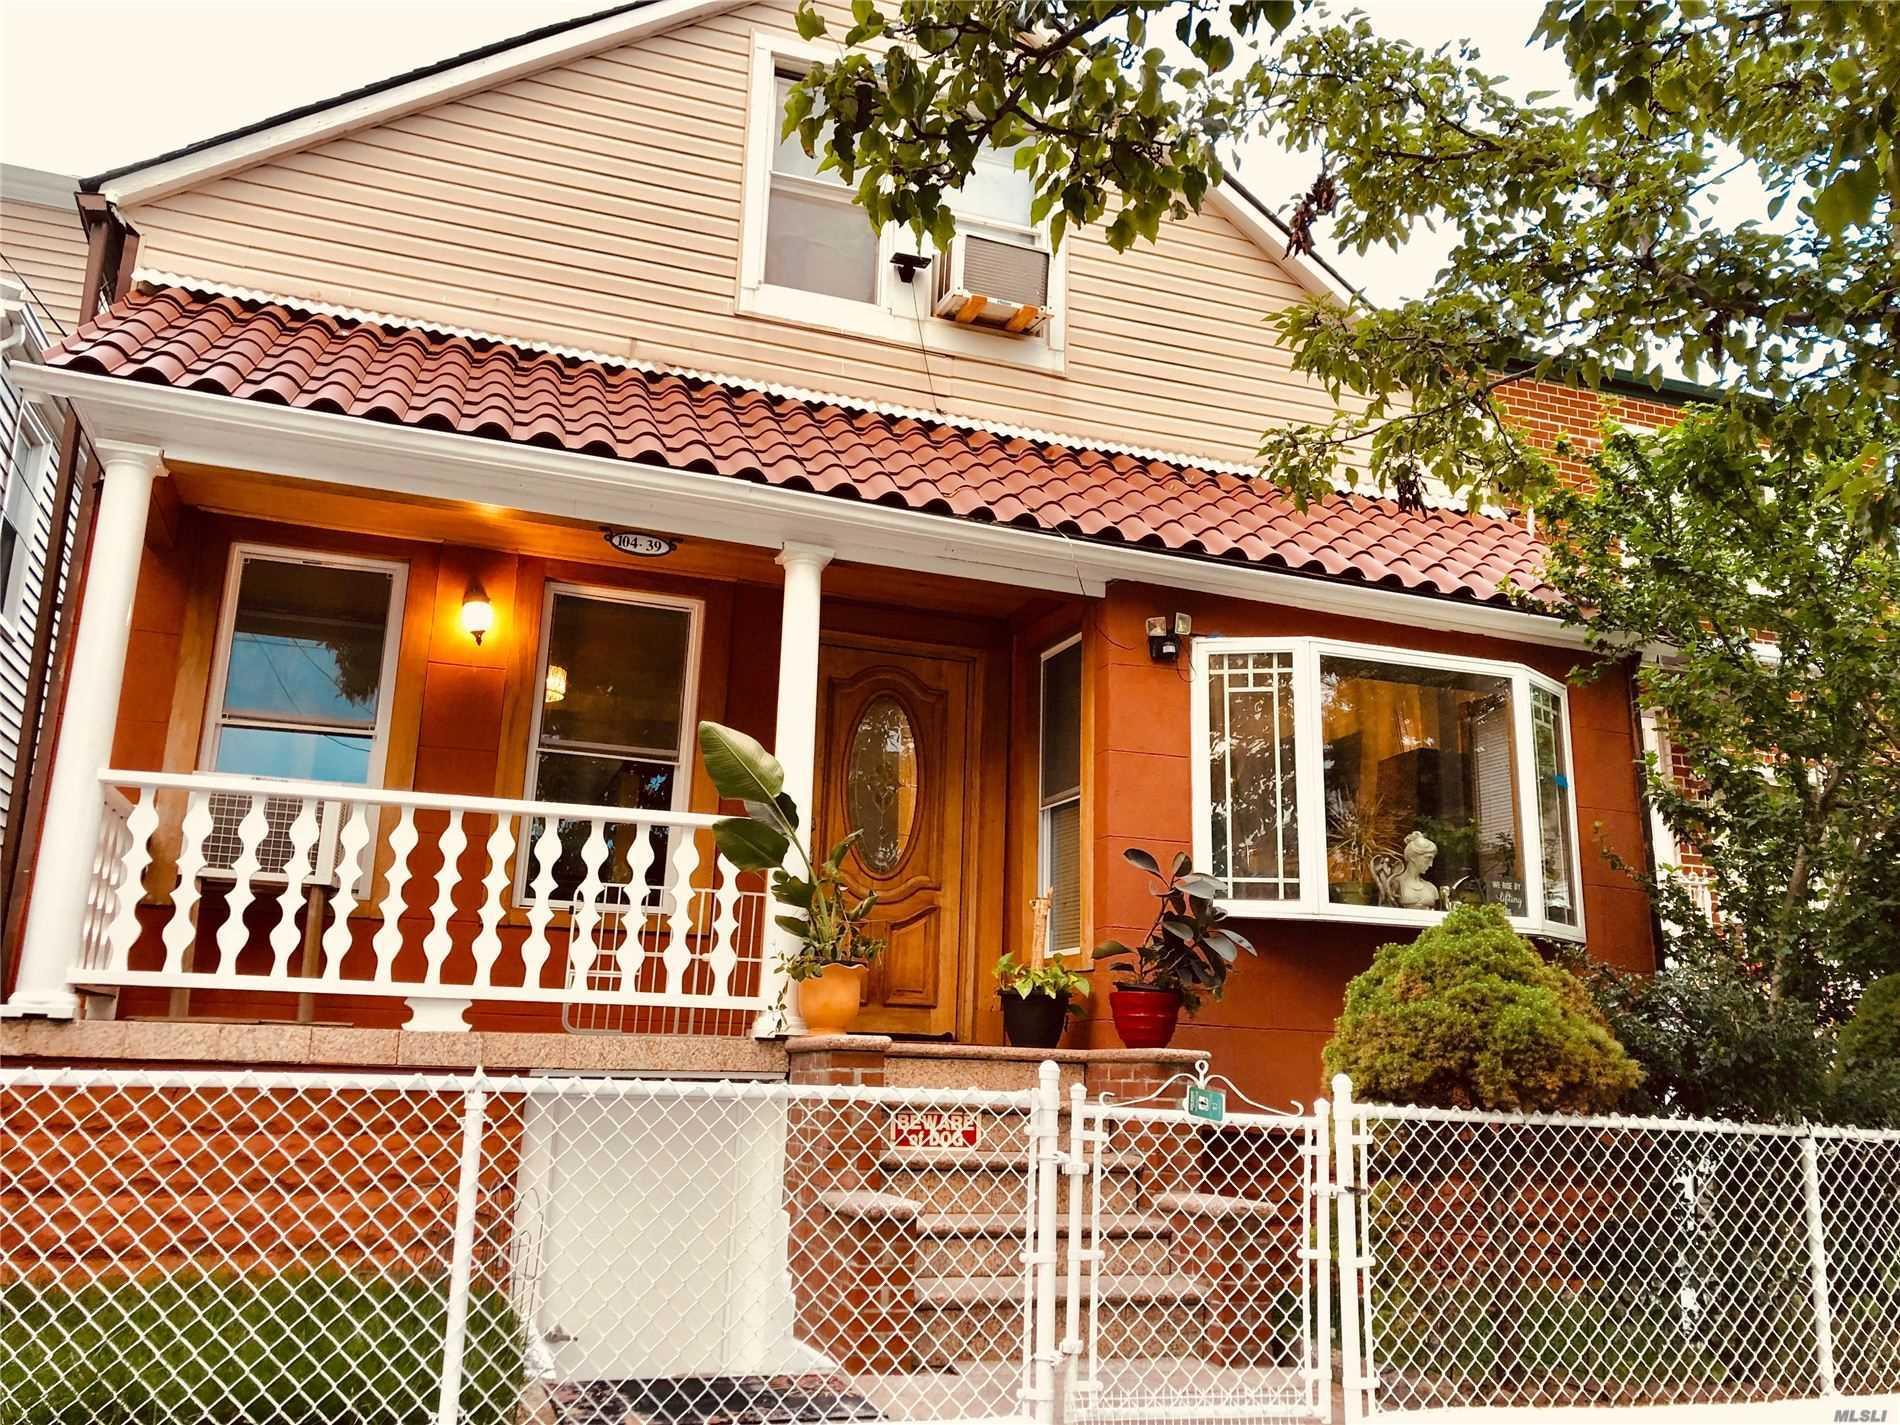 104-39 47 Ave, Flushing, New York